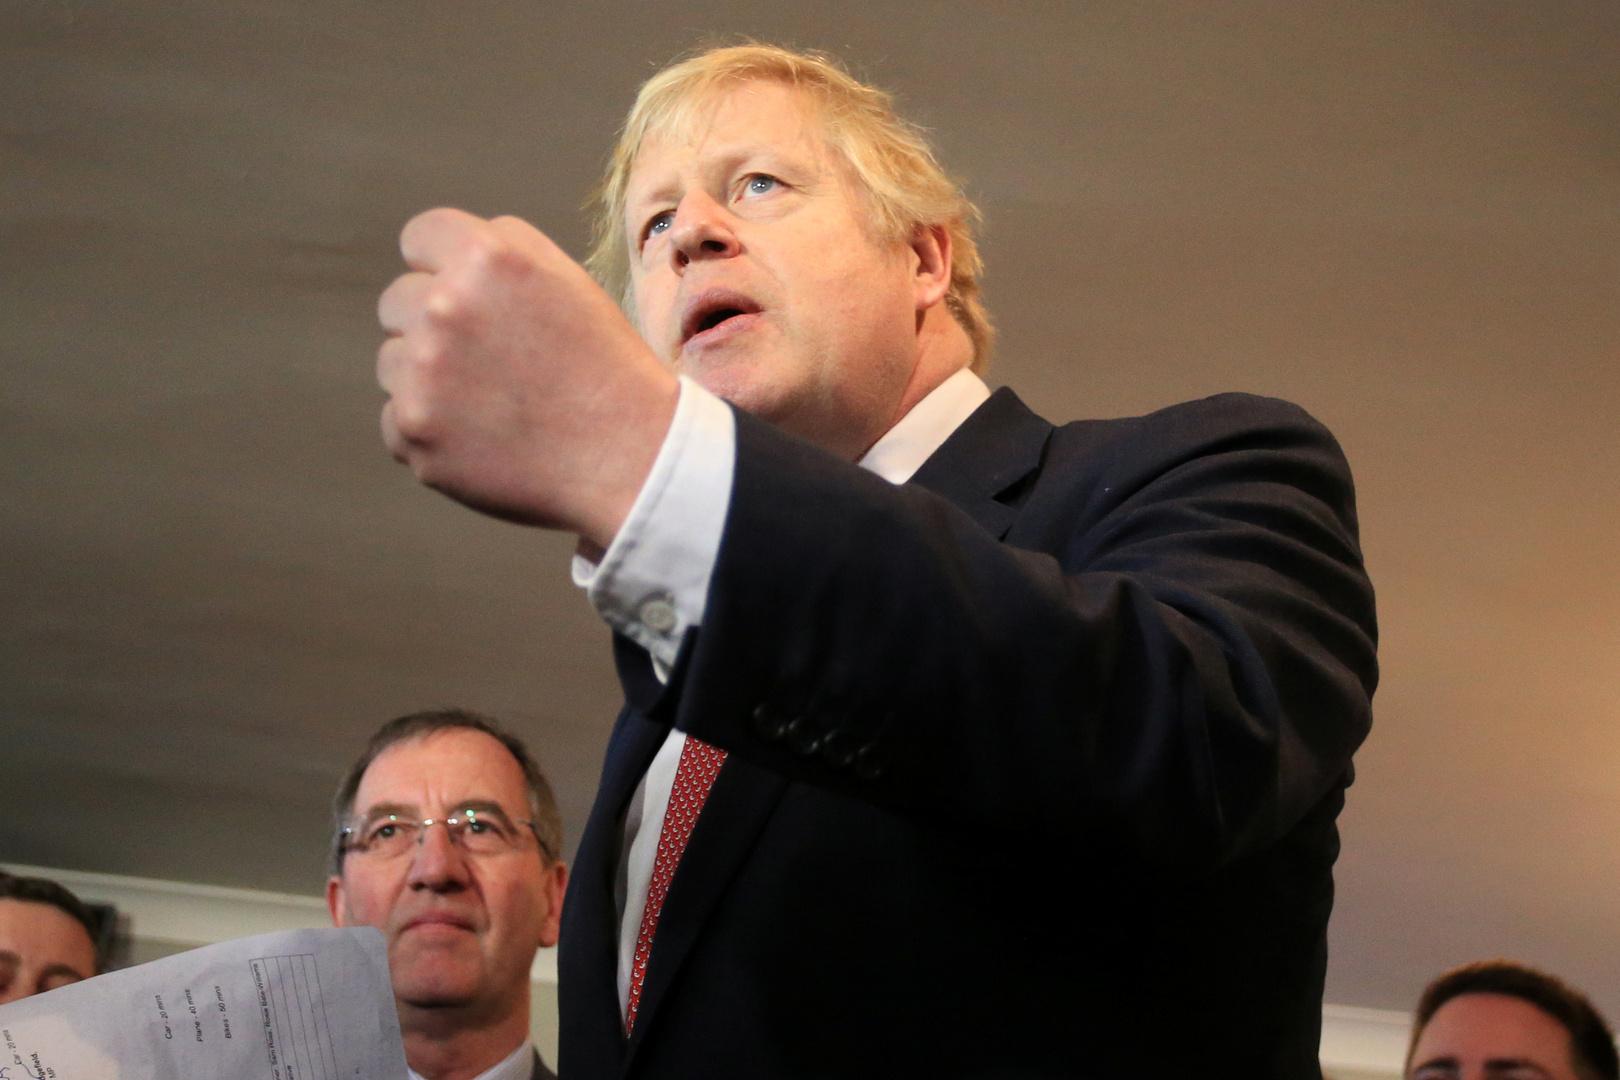 جونسون ينفي وجود أي ضغط روسي وراء نتائج استفتاء